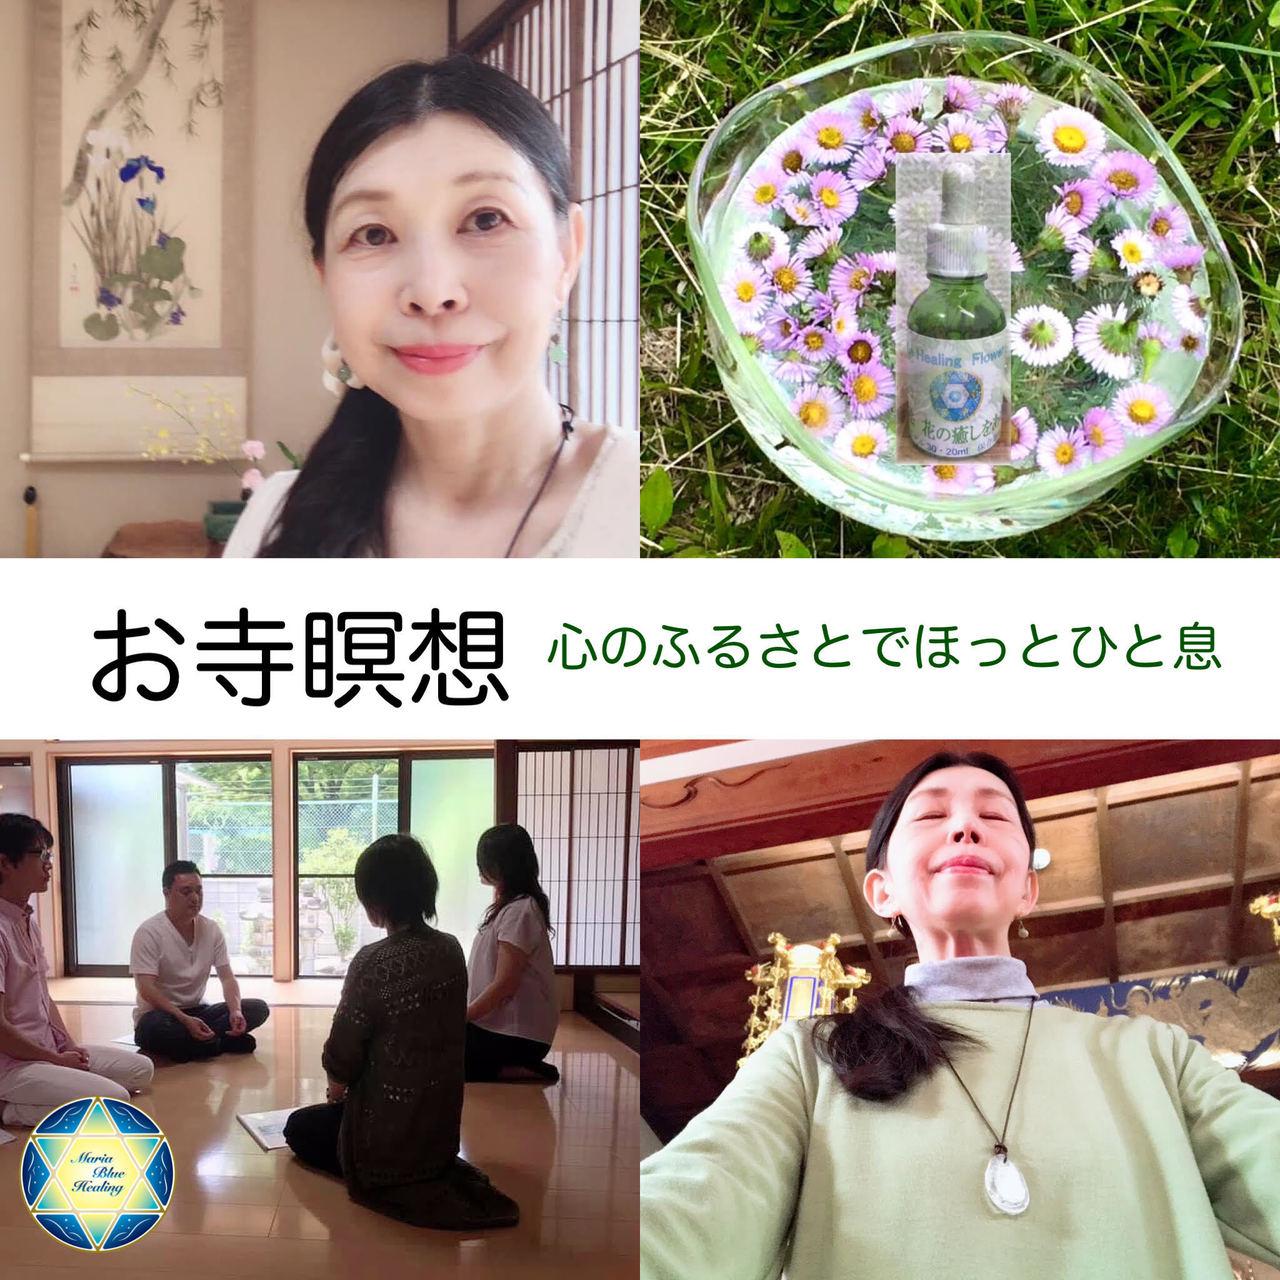 名古屋お寺瞑想 愛の力を高める瞑想1